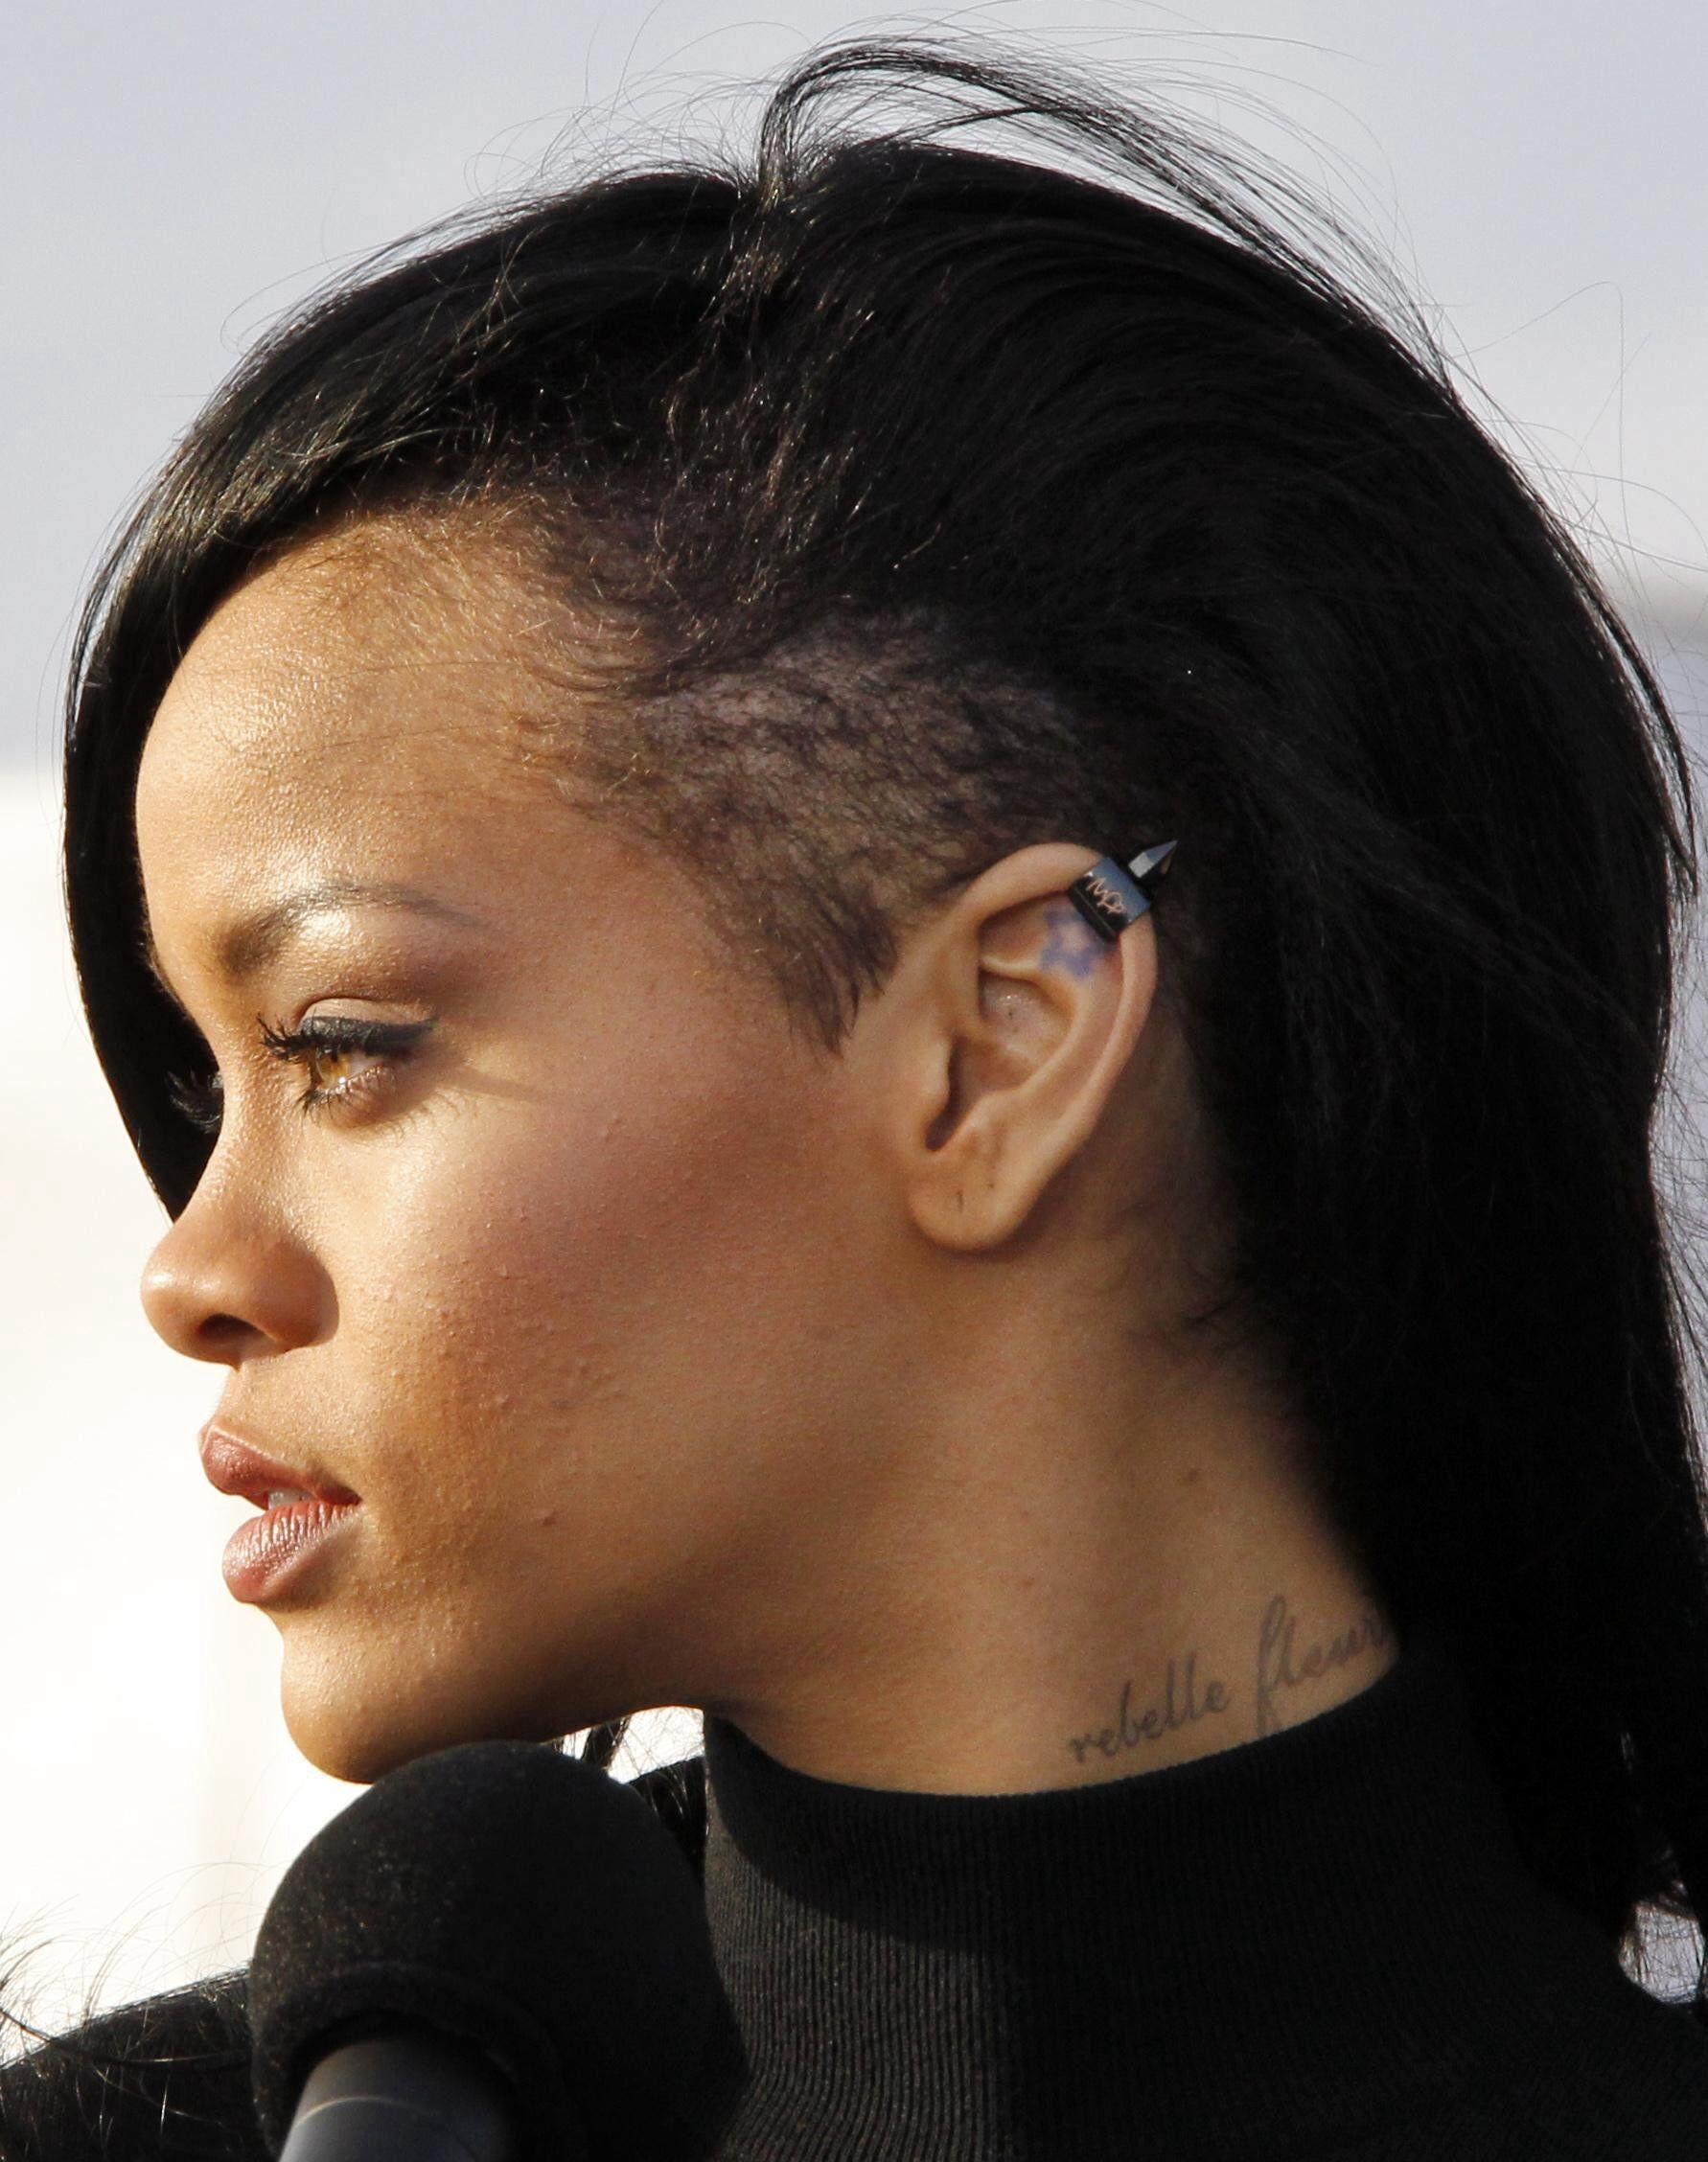 Retour sur les incroyables transformations capillaires de Rihanna